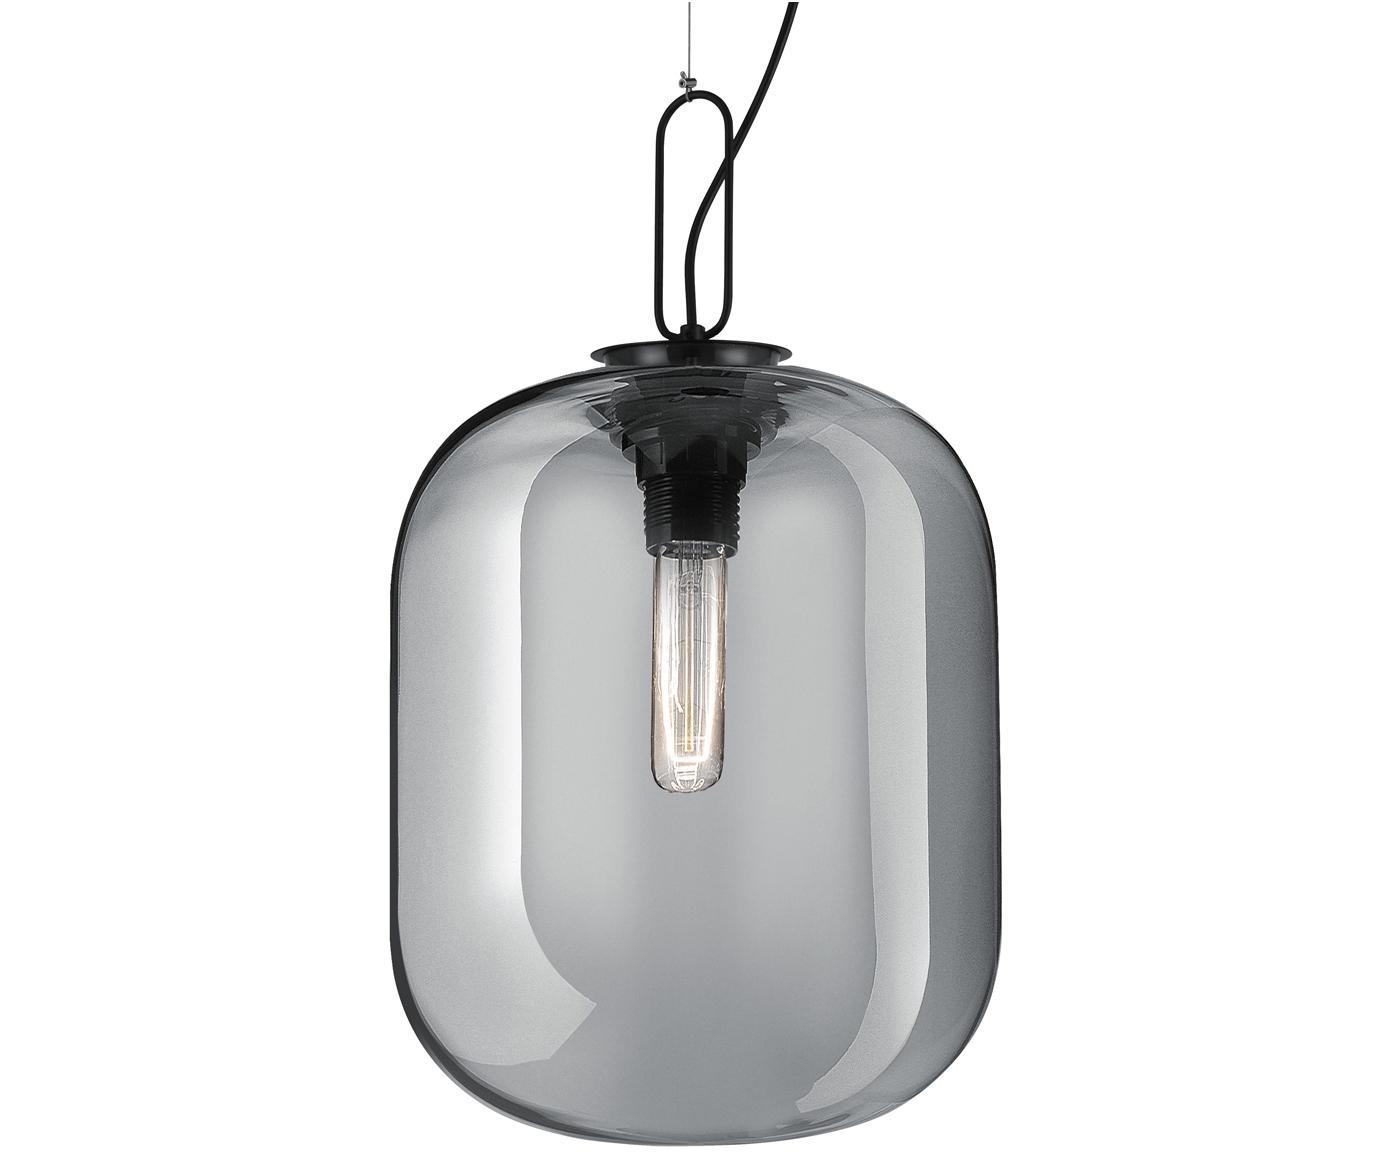 Lampada a sospensione Hunter, Paralume: vetro, Grigio, Ø 25 x Alt. 30 cm